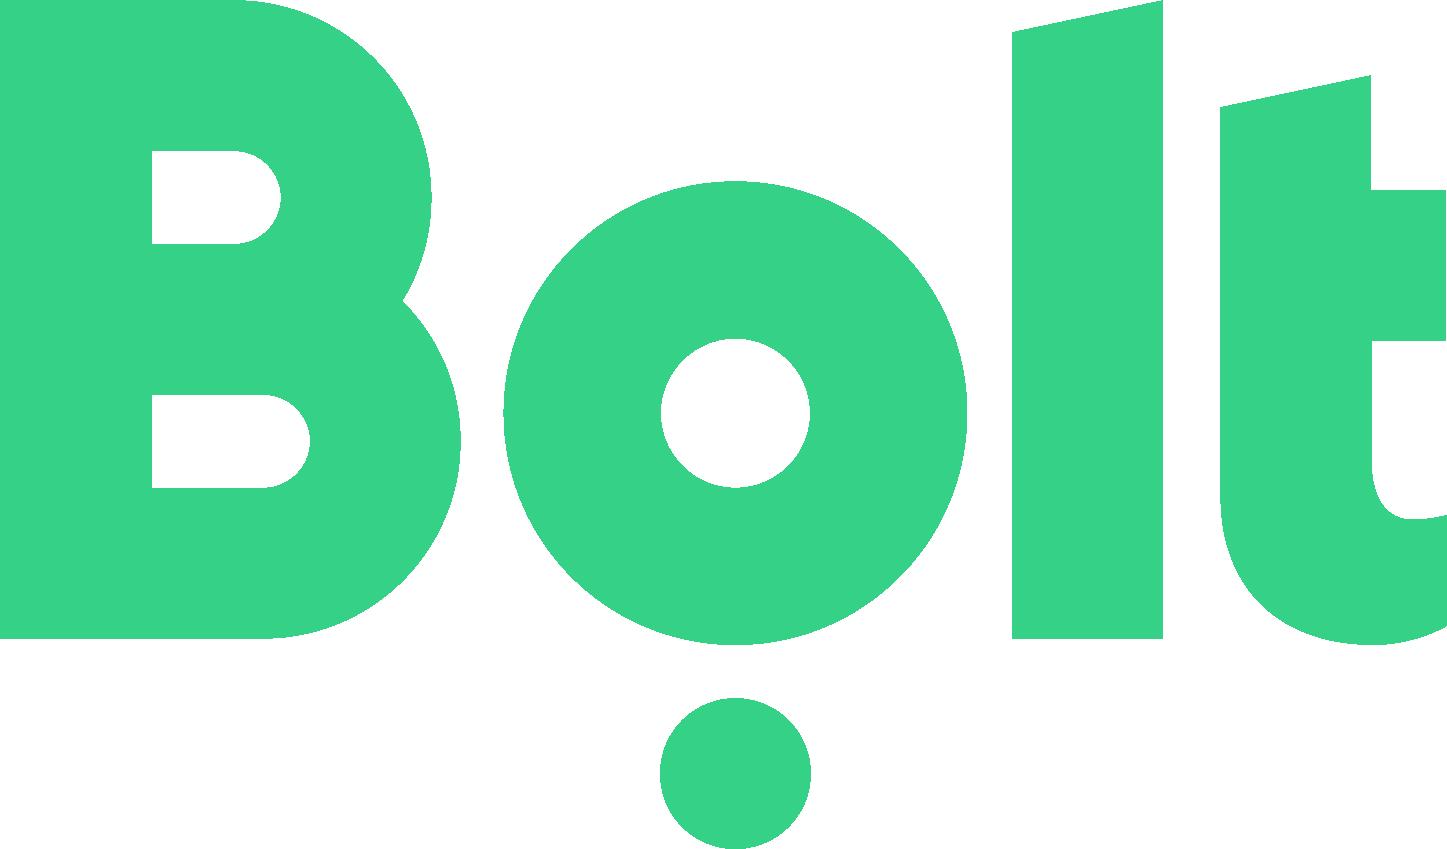 Bolt (company) - Wikipedia